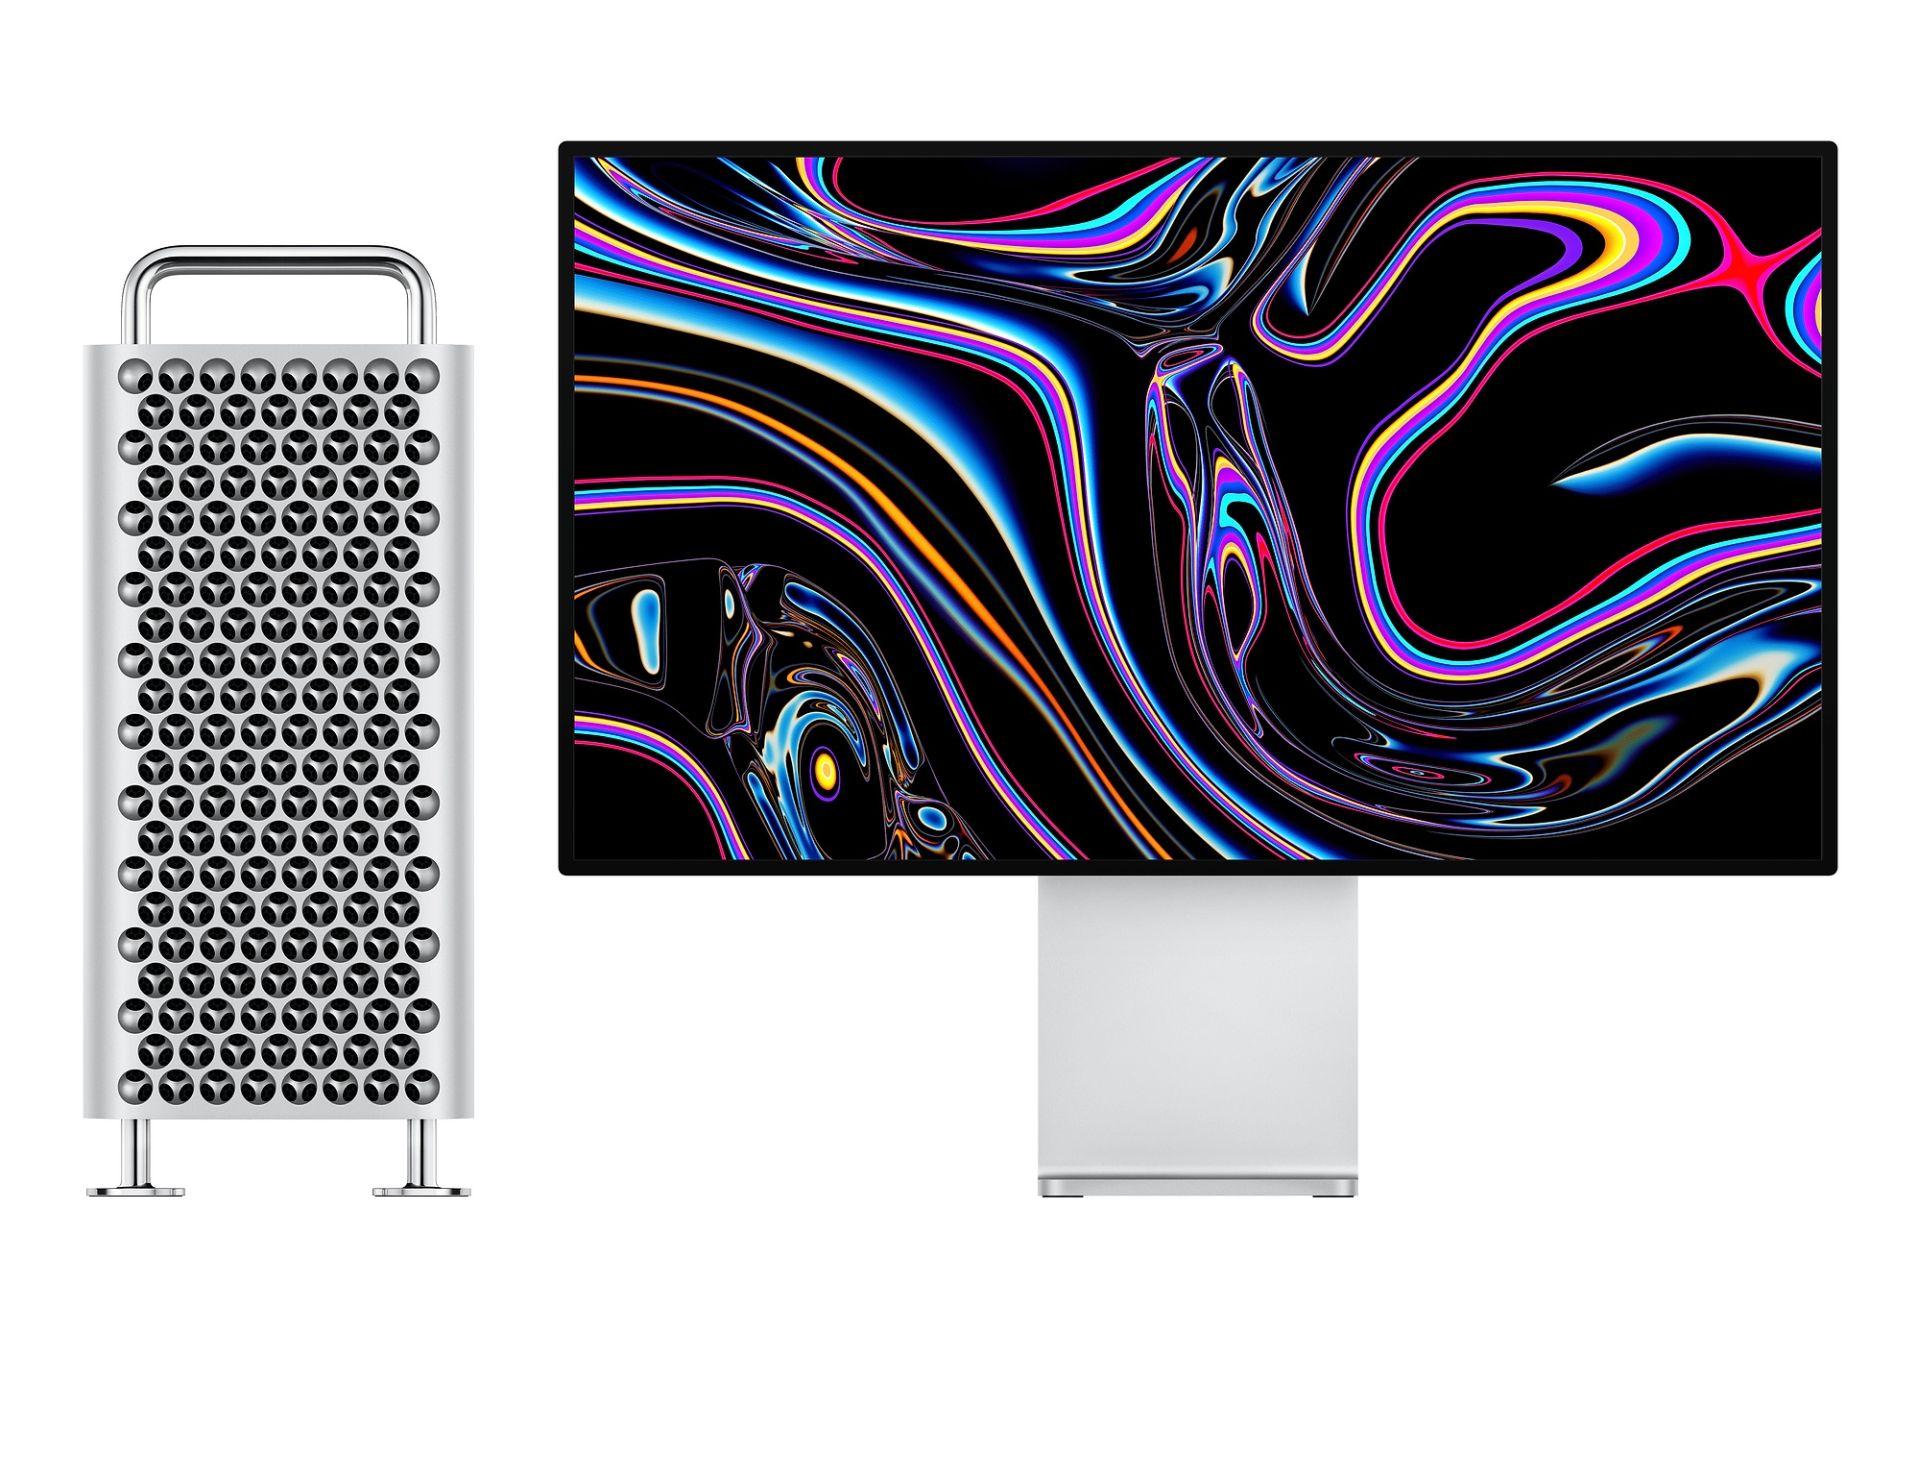 Najnowszy komputer Mac Pro dostępny w internetowym sklepie Apple